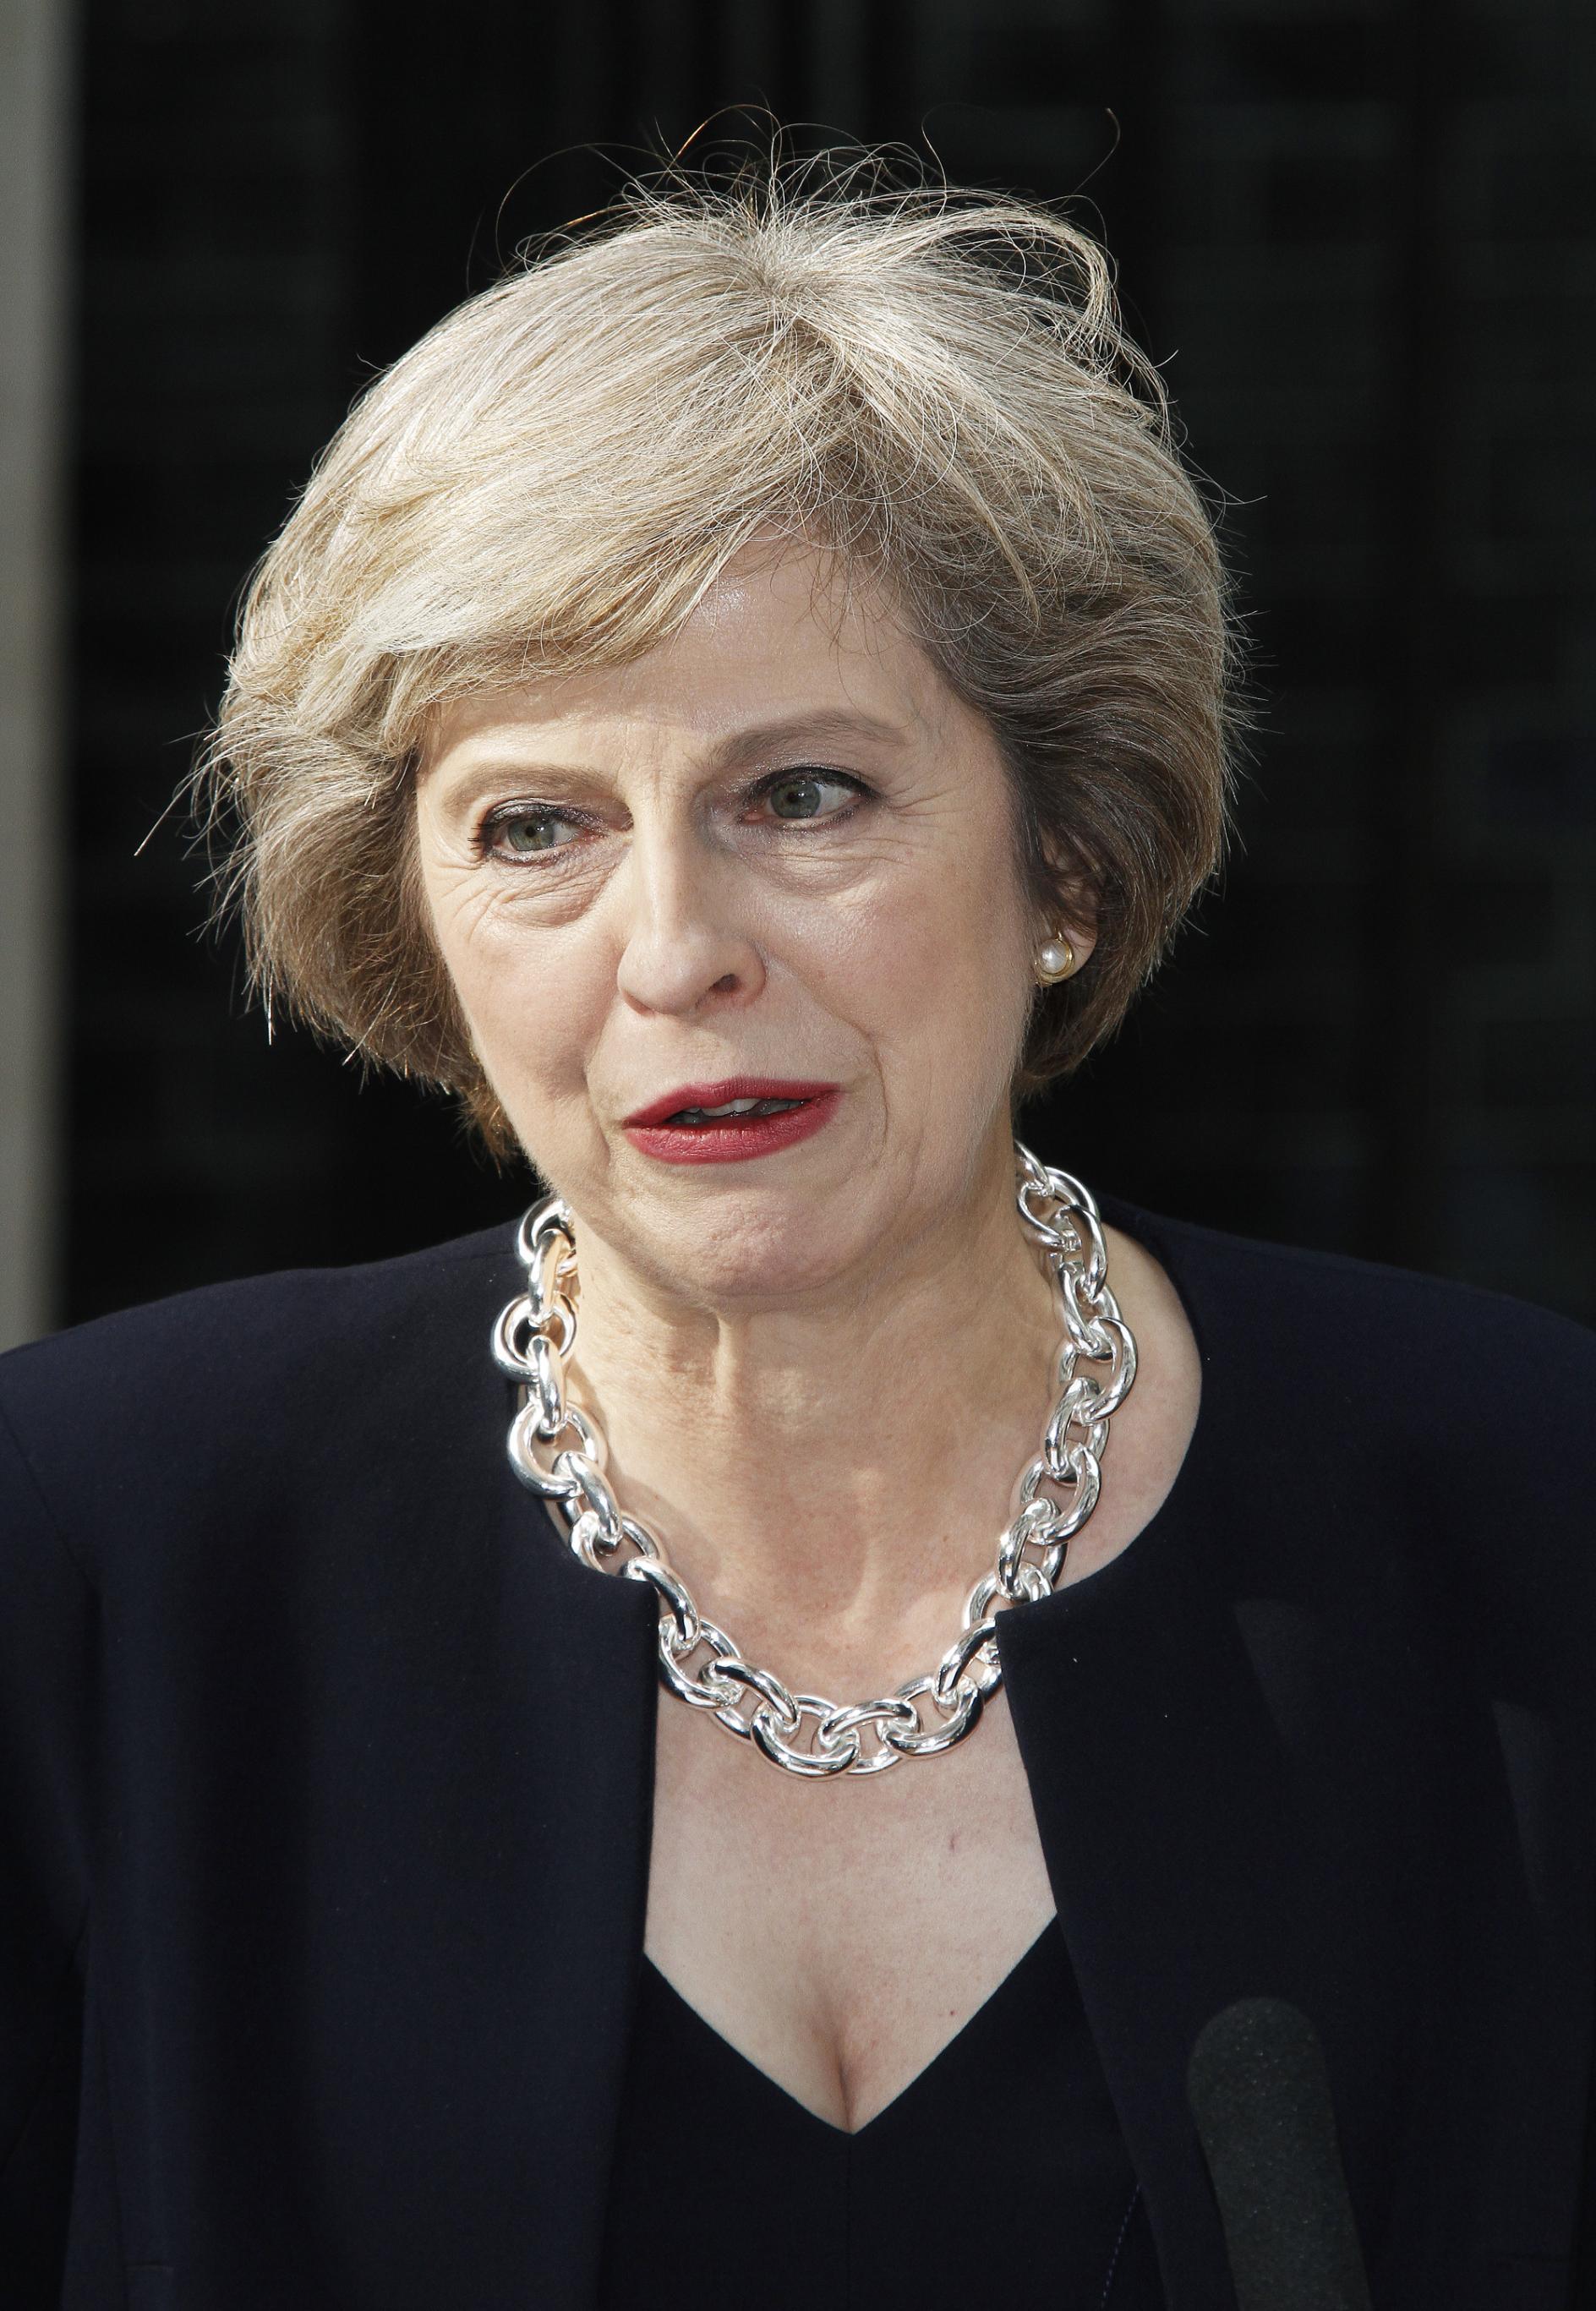 Name:  Theresa May 20.jpg Views: 79 Size:  500.2 KB